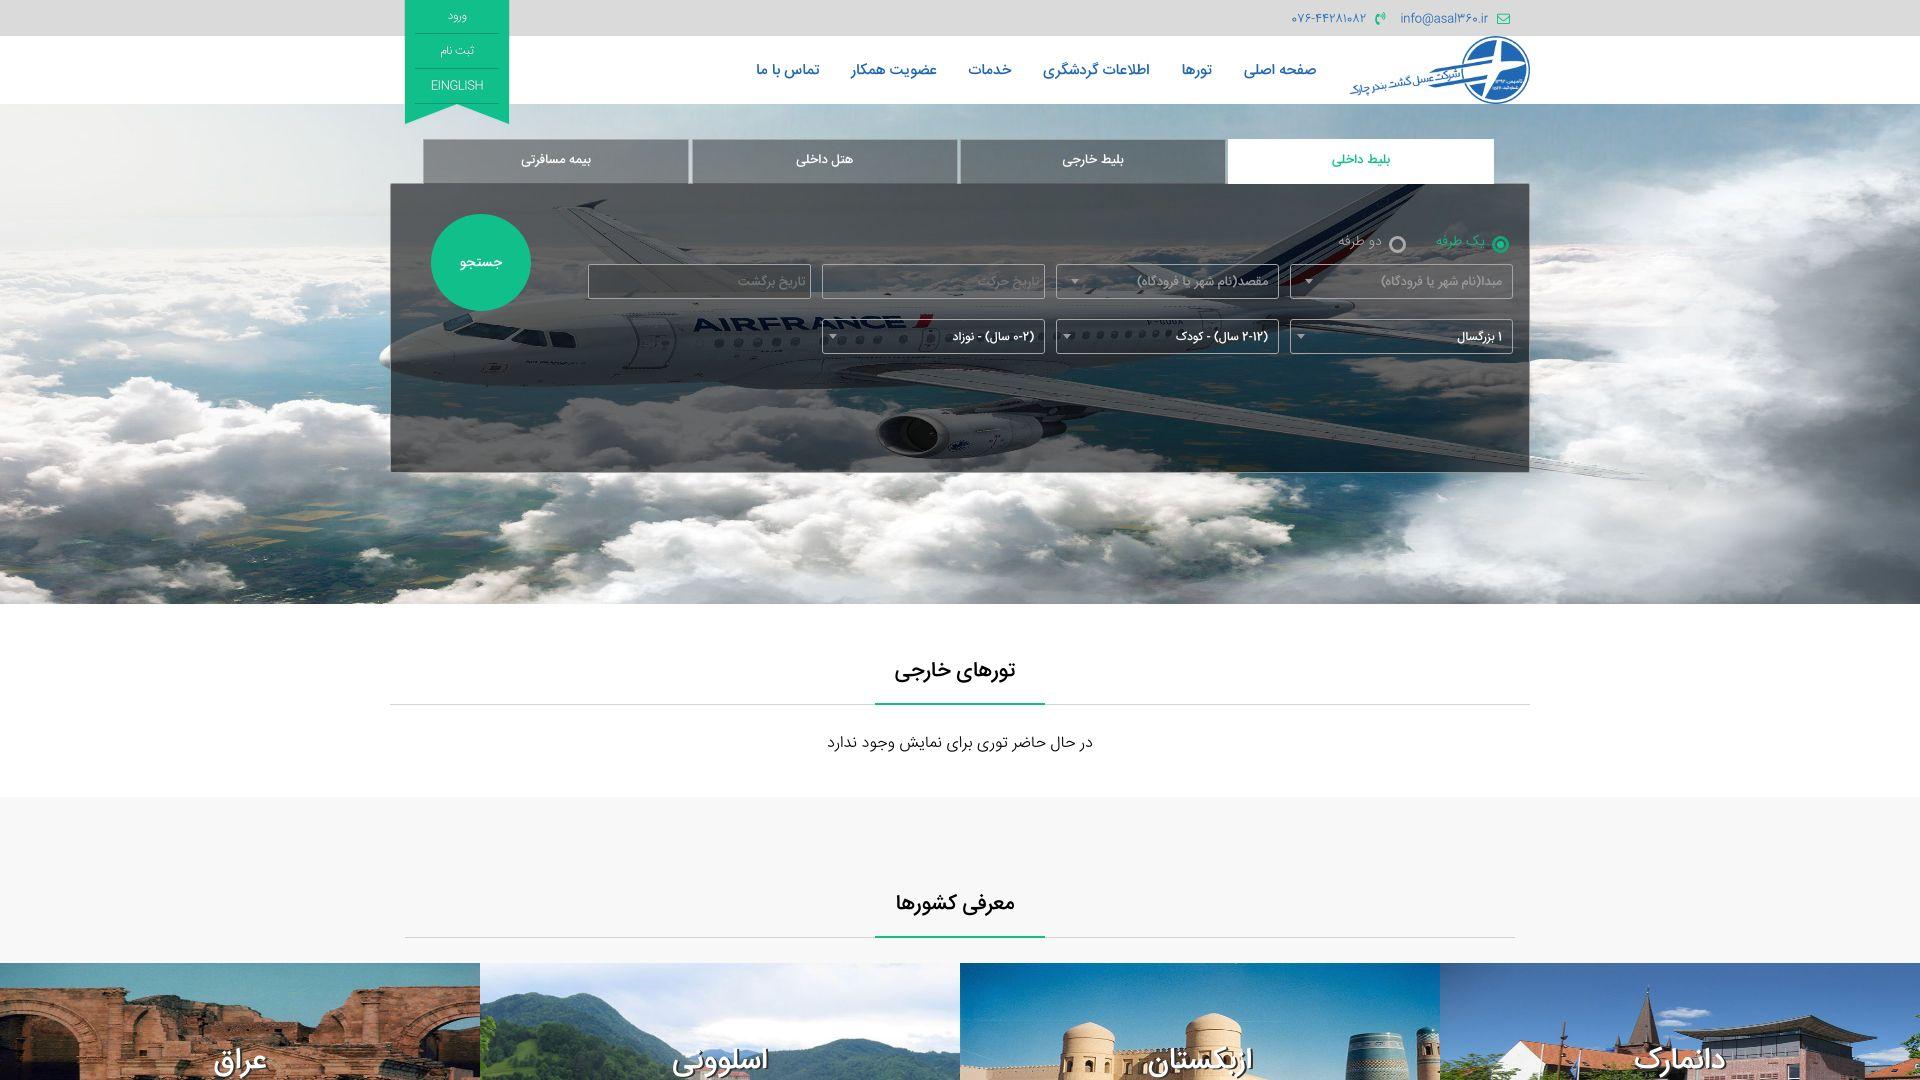 طراحی سیستم - طراحی سایت آژانس مسافرتی عسل گشت بندر چارک